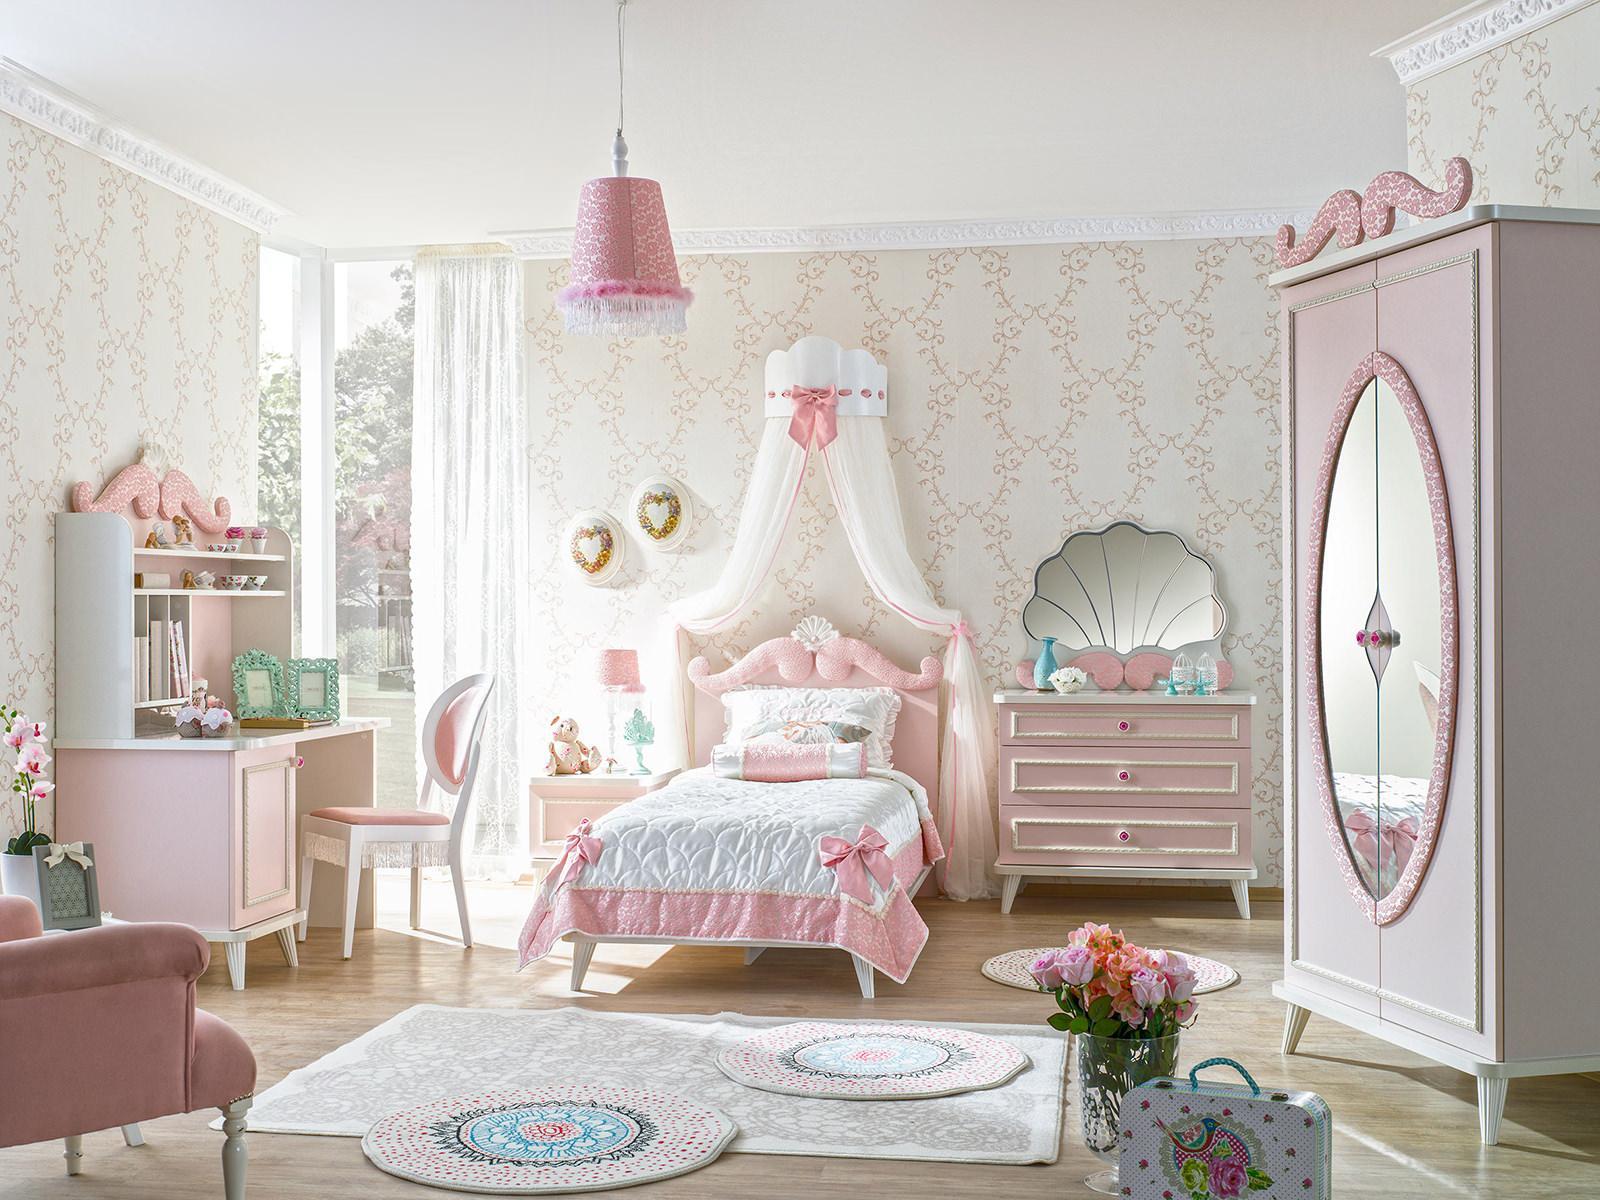 Красивый балдахин в детской комнате для девочки